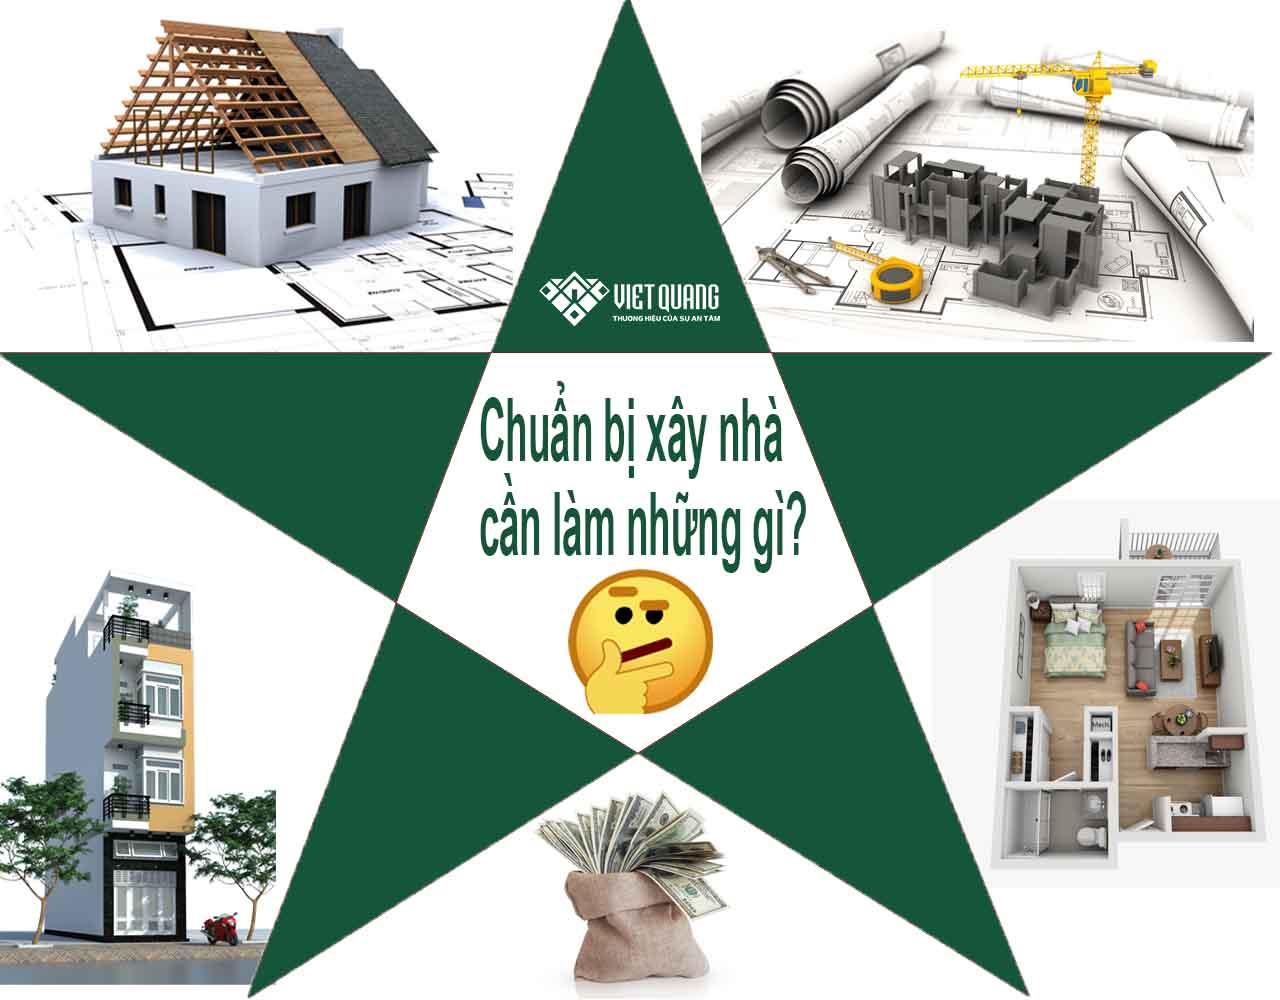 Chuẩn bị xây nhà – cần làm những gì?